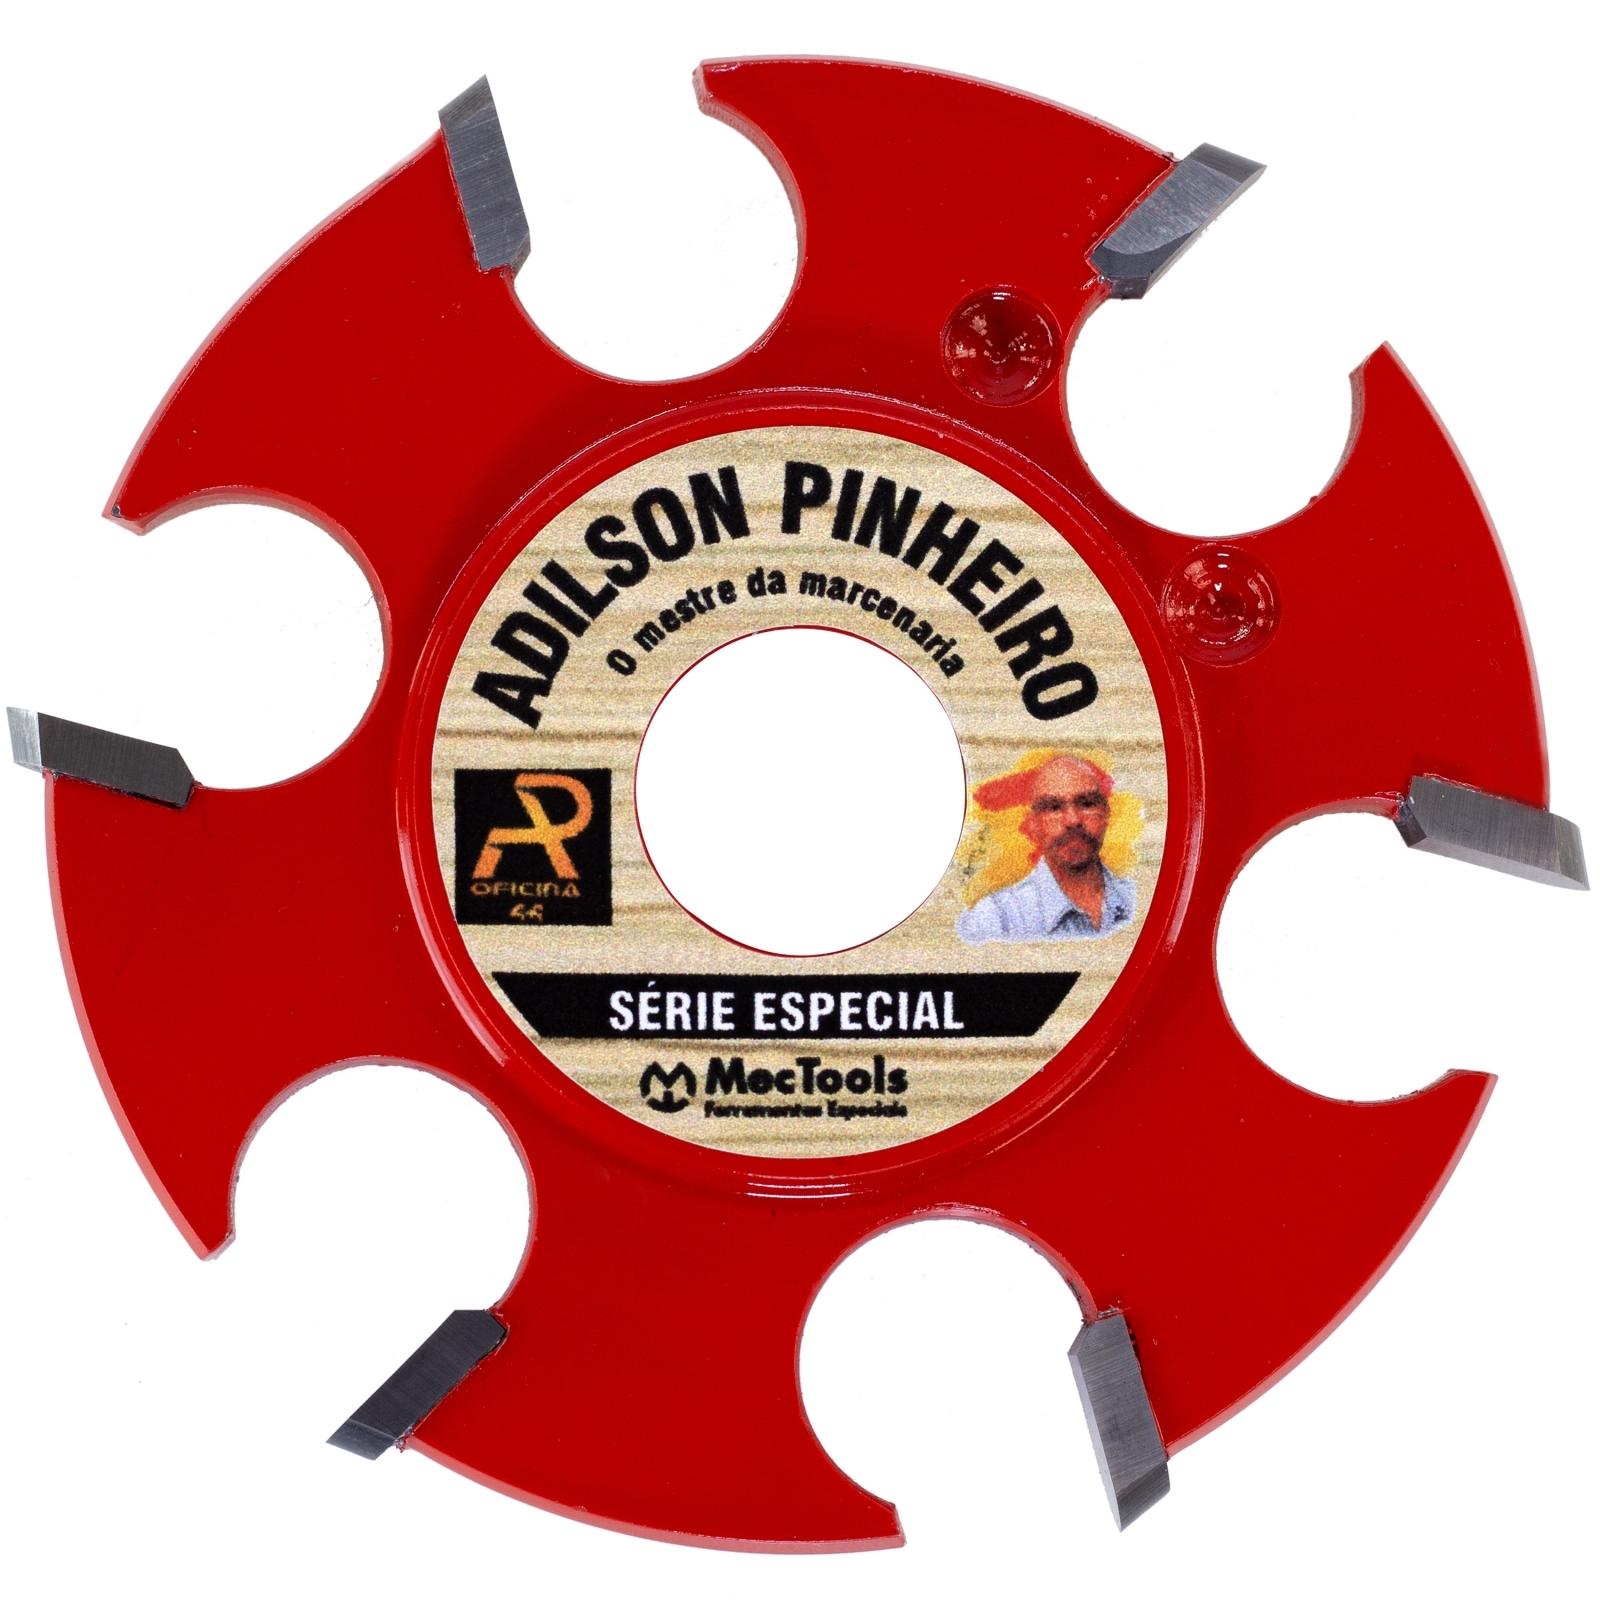 Disco Fresa Adilson Pinheiro 6 Wideas Madeira Mec Tools Dw3 - Ferramentas MEP